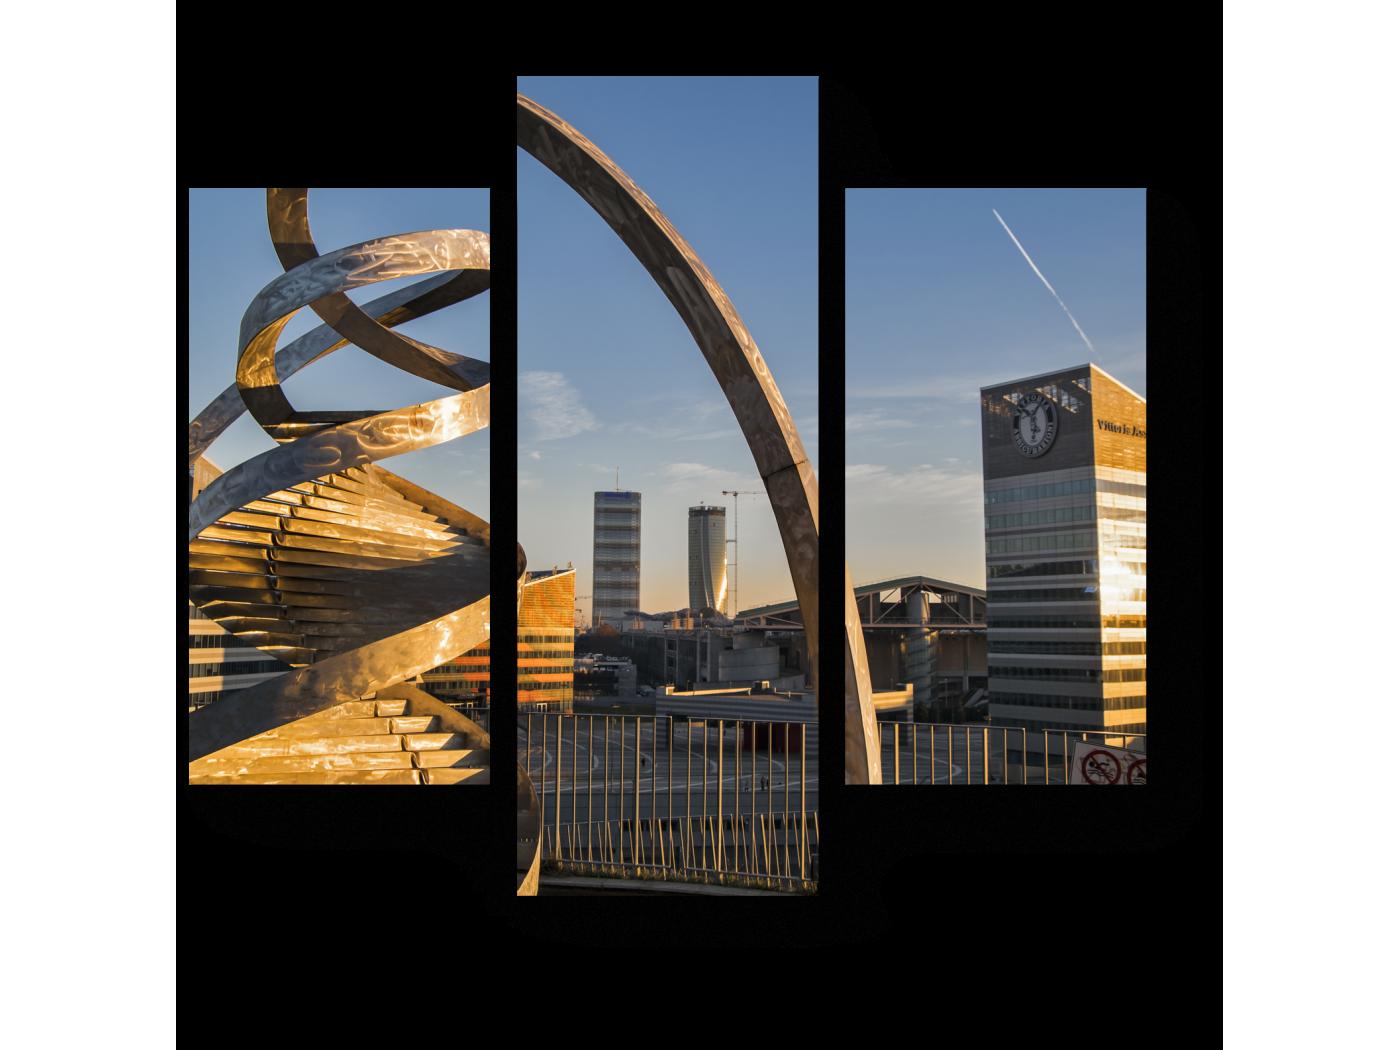 Модульная картина Инсталяция из закрученного металла, Портелло Парк, Милан (60x54) фото